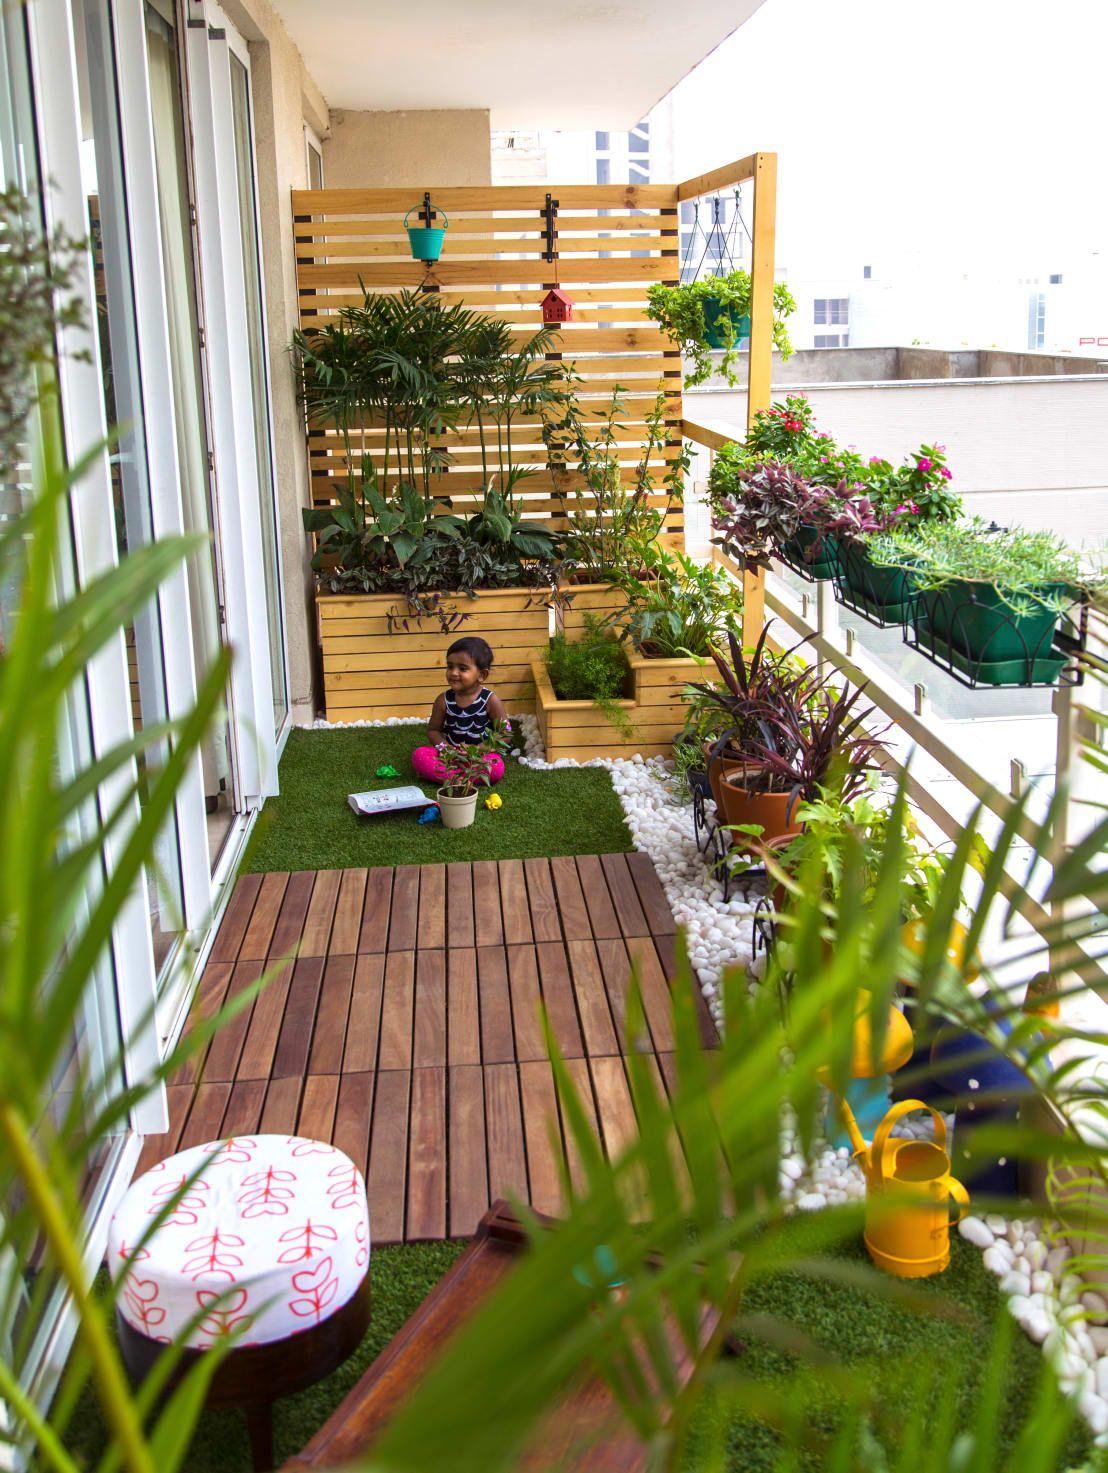 Trang trí ban công chung cư với cây xanh